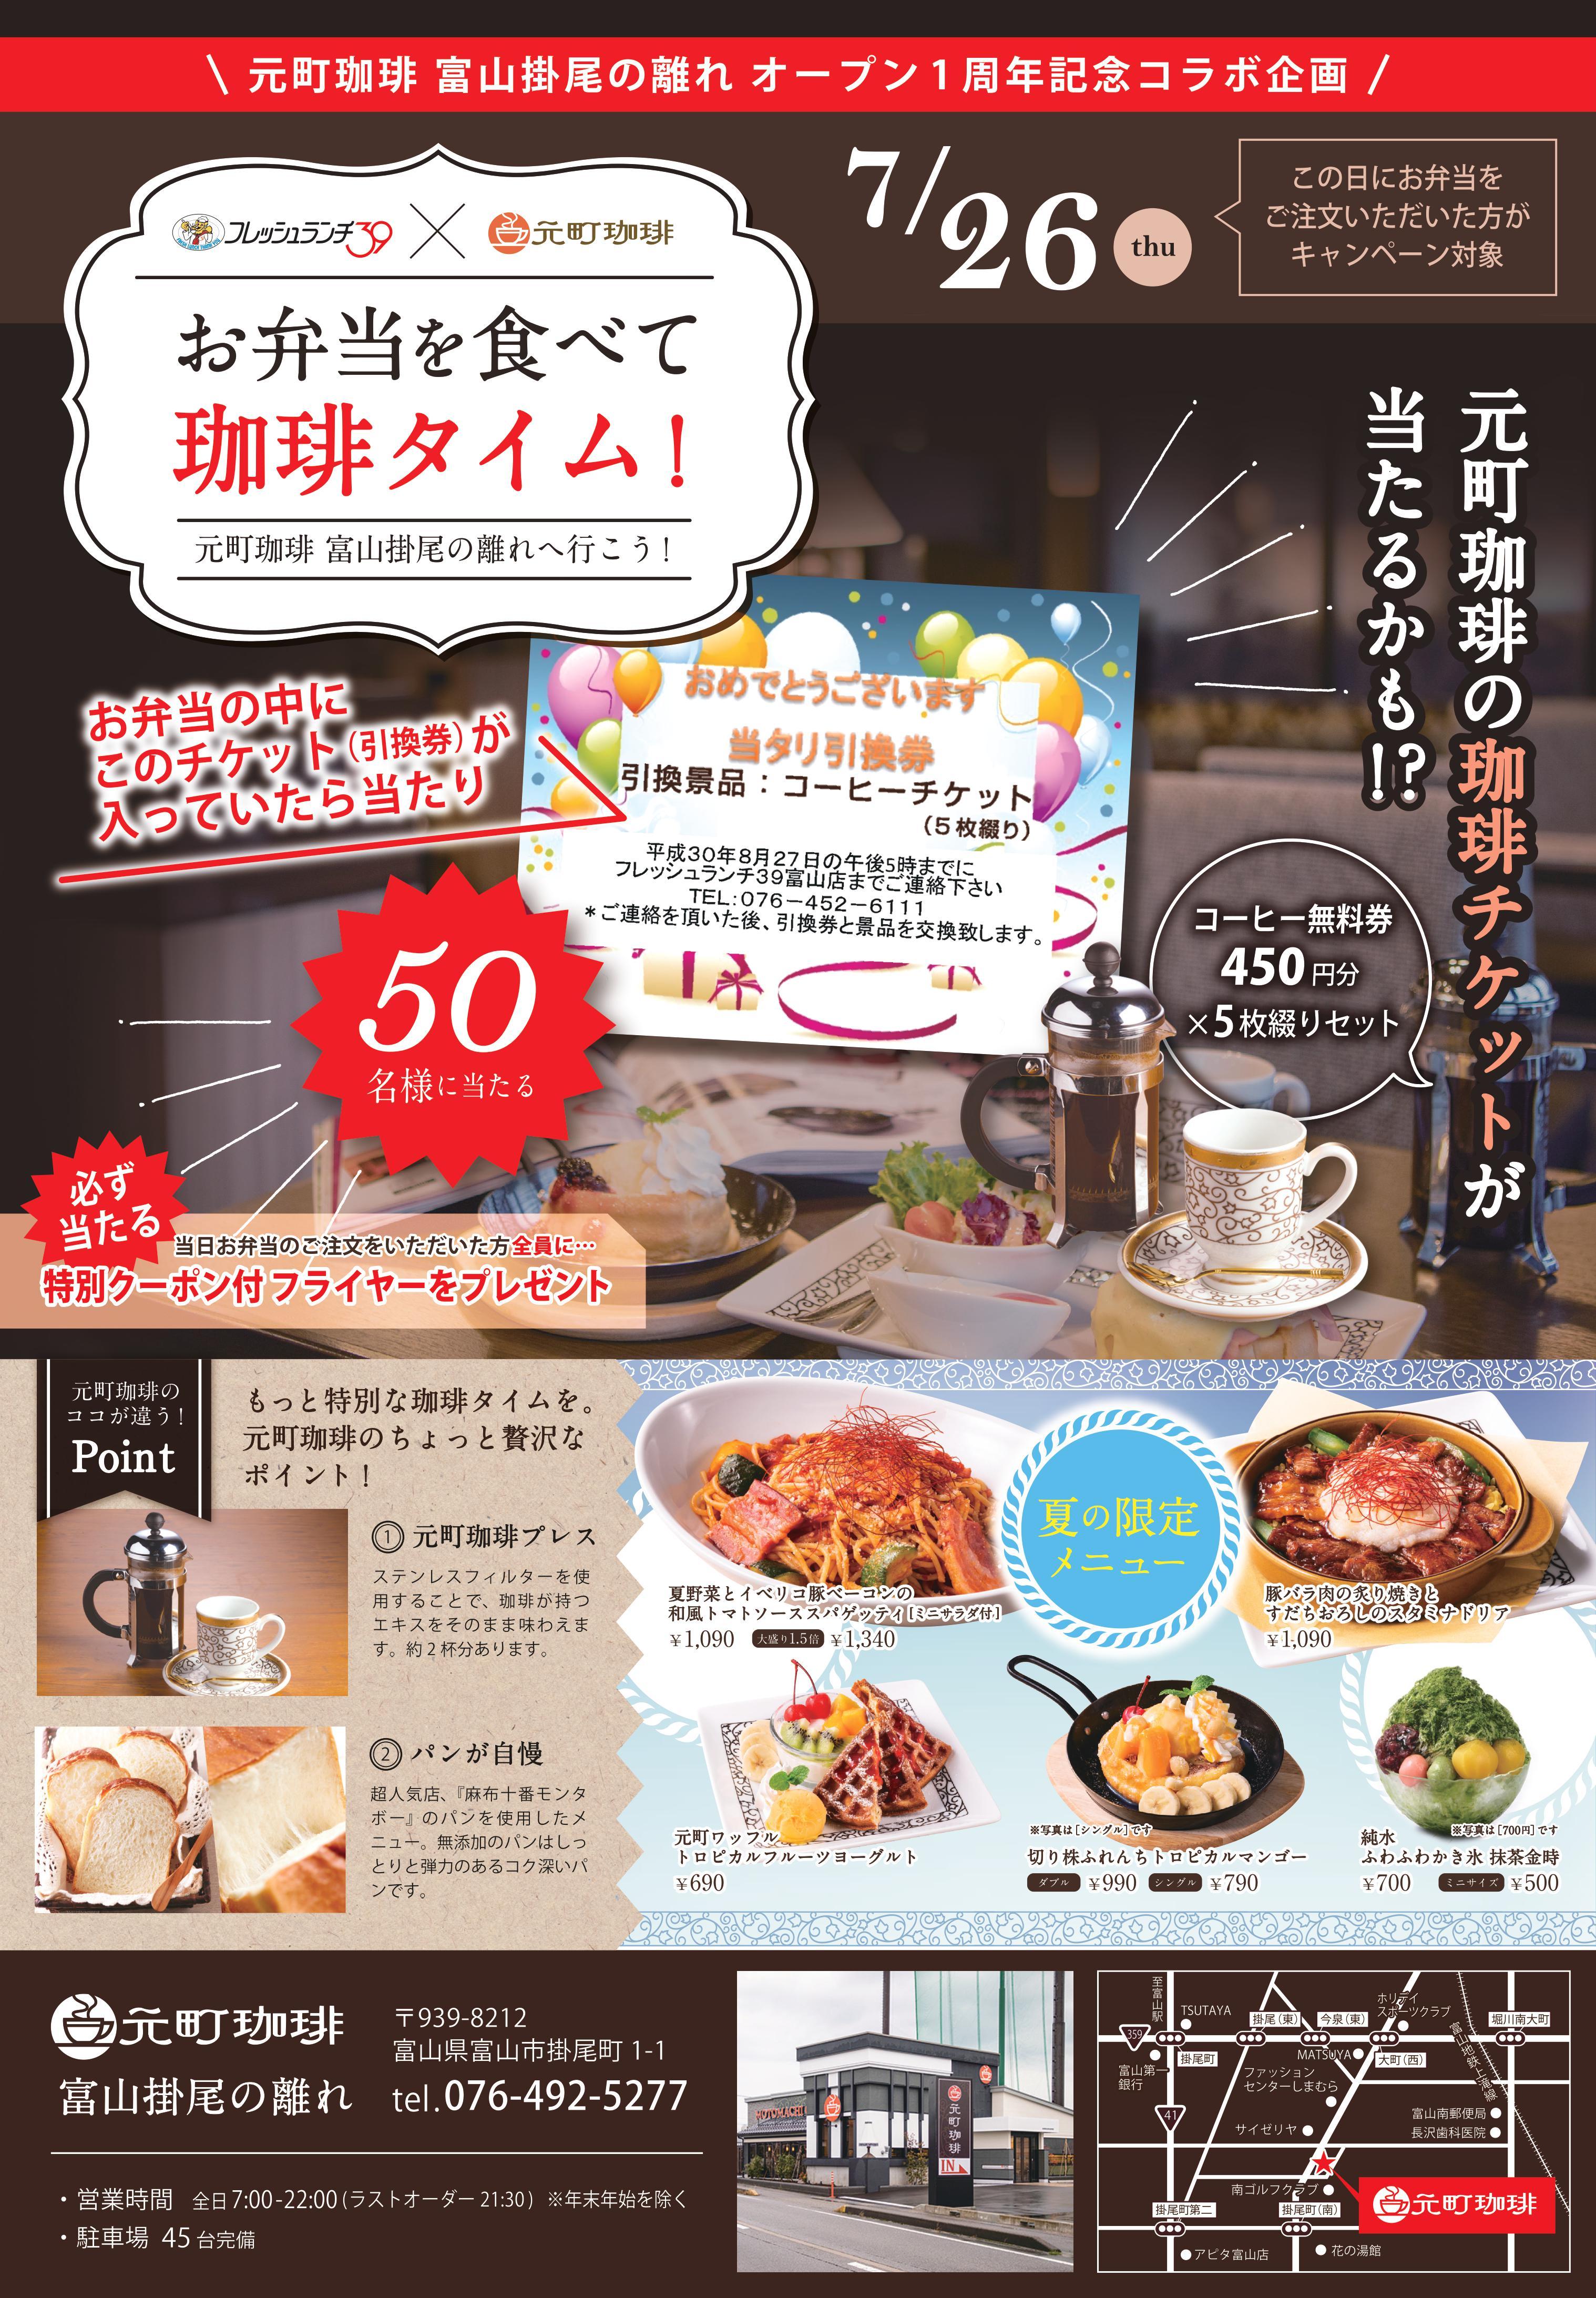 元町珈琲『周年祭』おかげさまで1周年